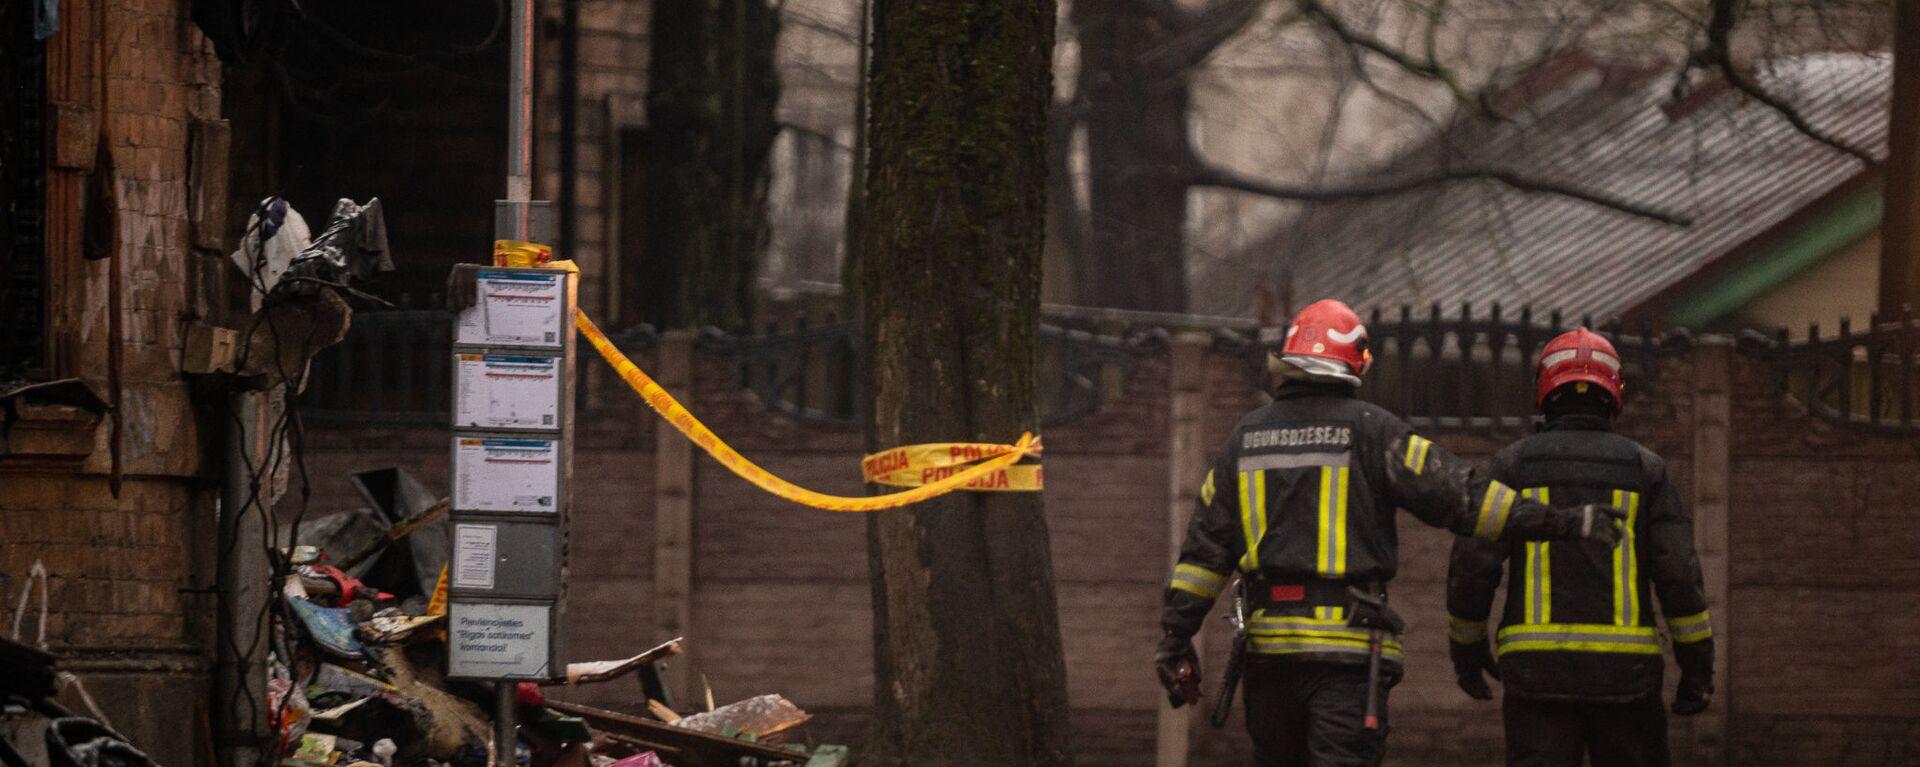 В доме на улице Мелнсила в Риге произошел взрыв - Sputnik Латвия, 1920, 16.02.2021